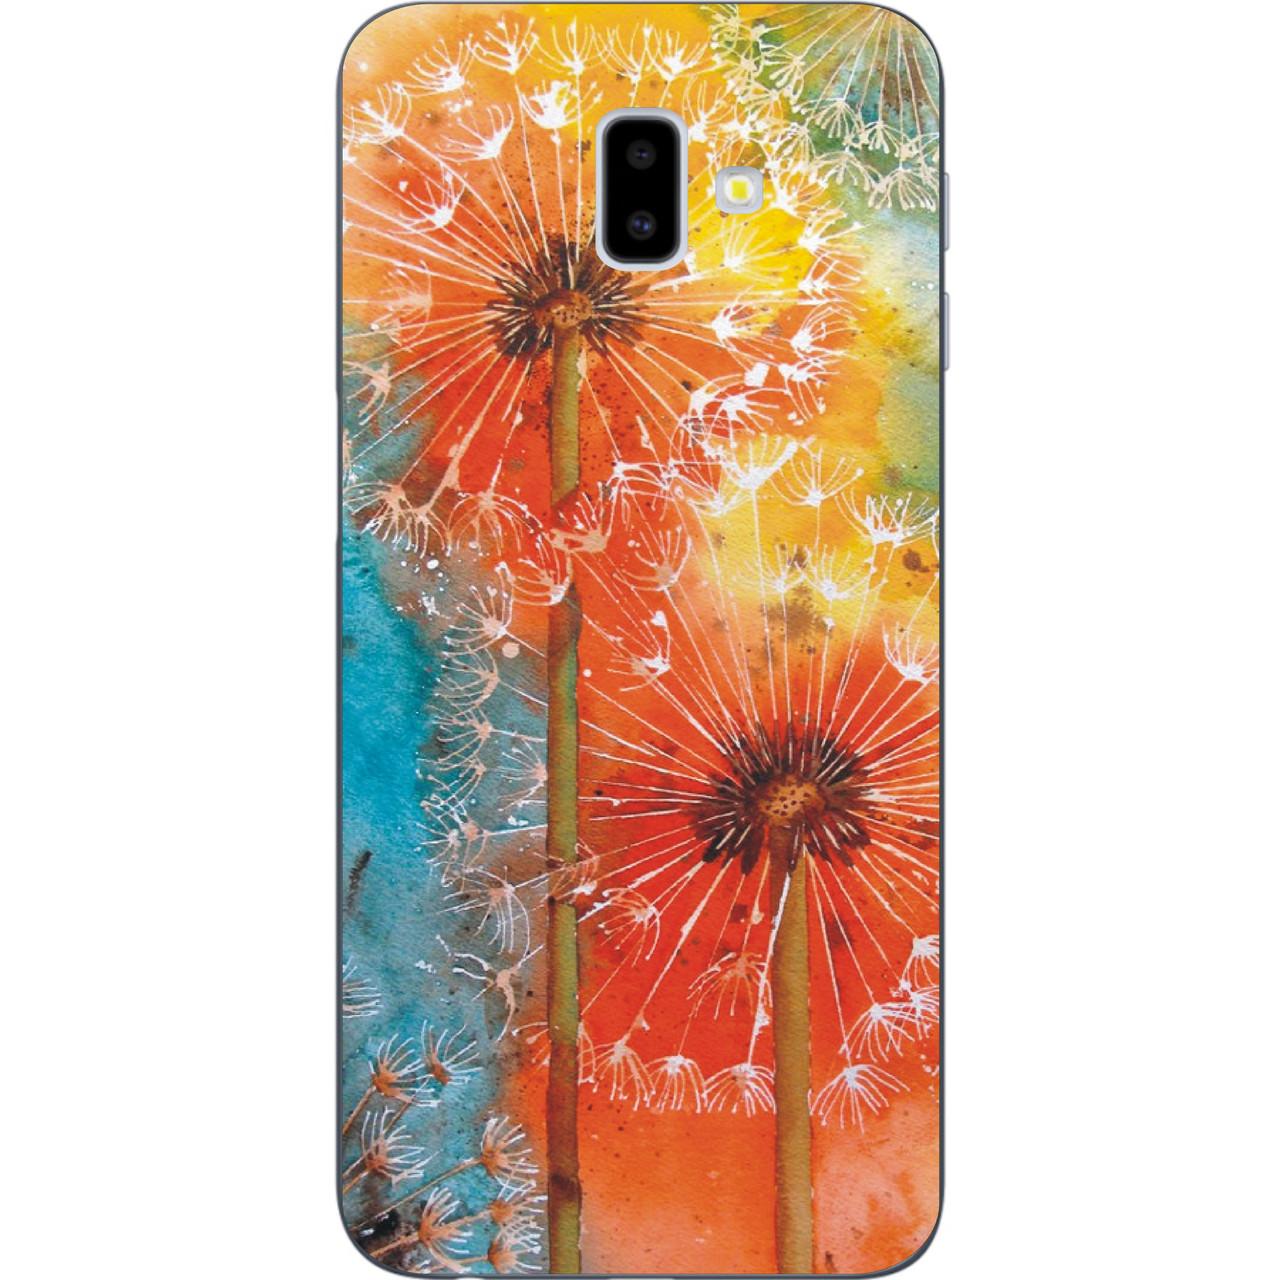 Бампер силиконовый чехол для Samsung Galaxy J6 Plus 2018 с картинкой Одуванчики